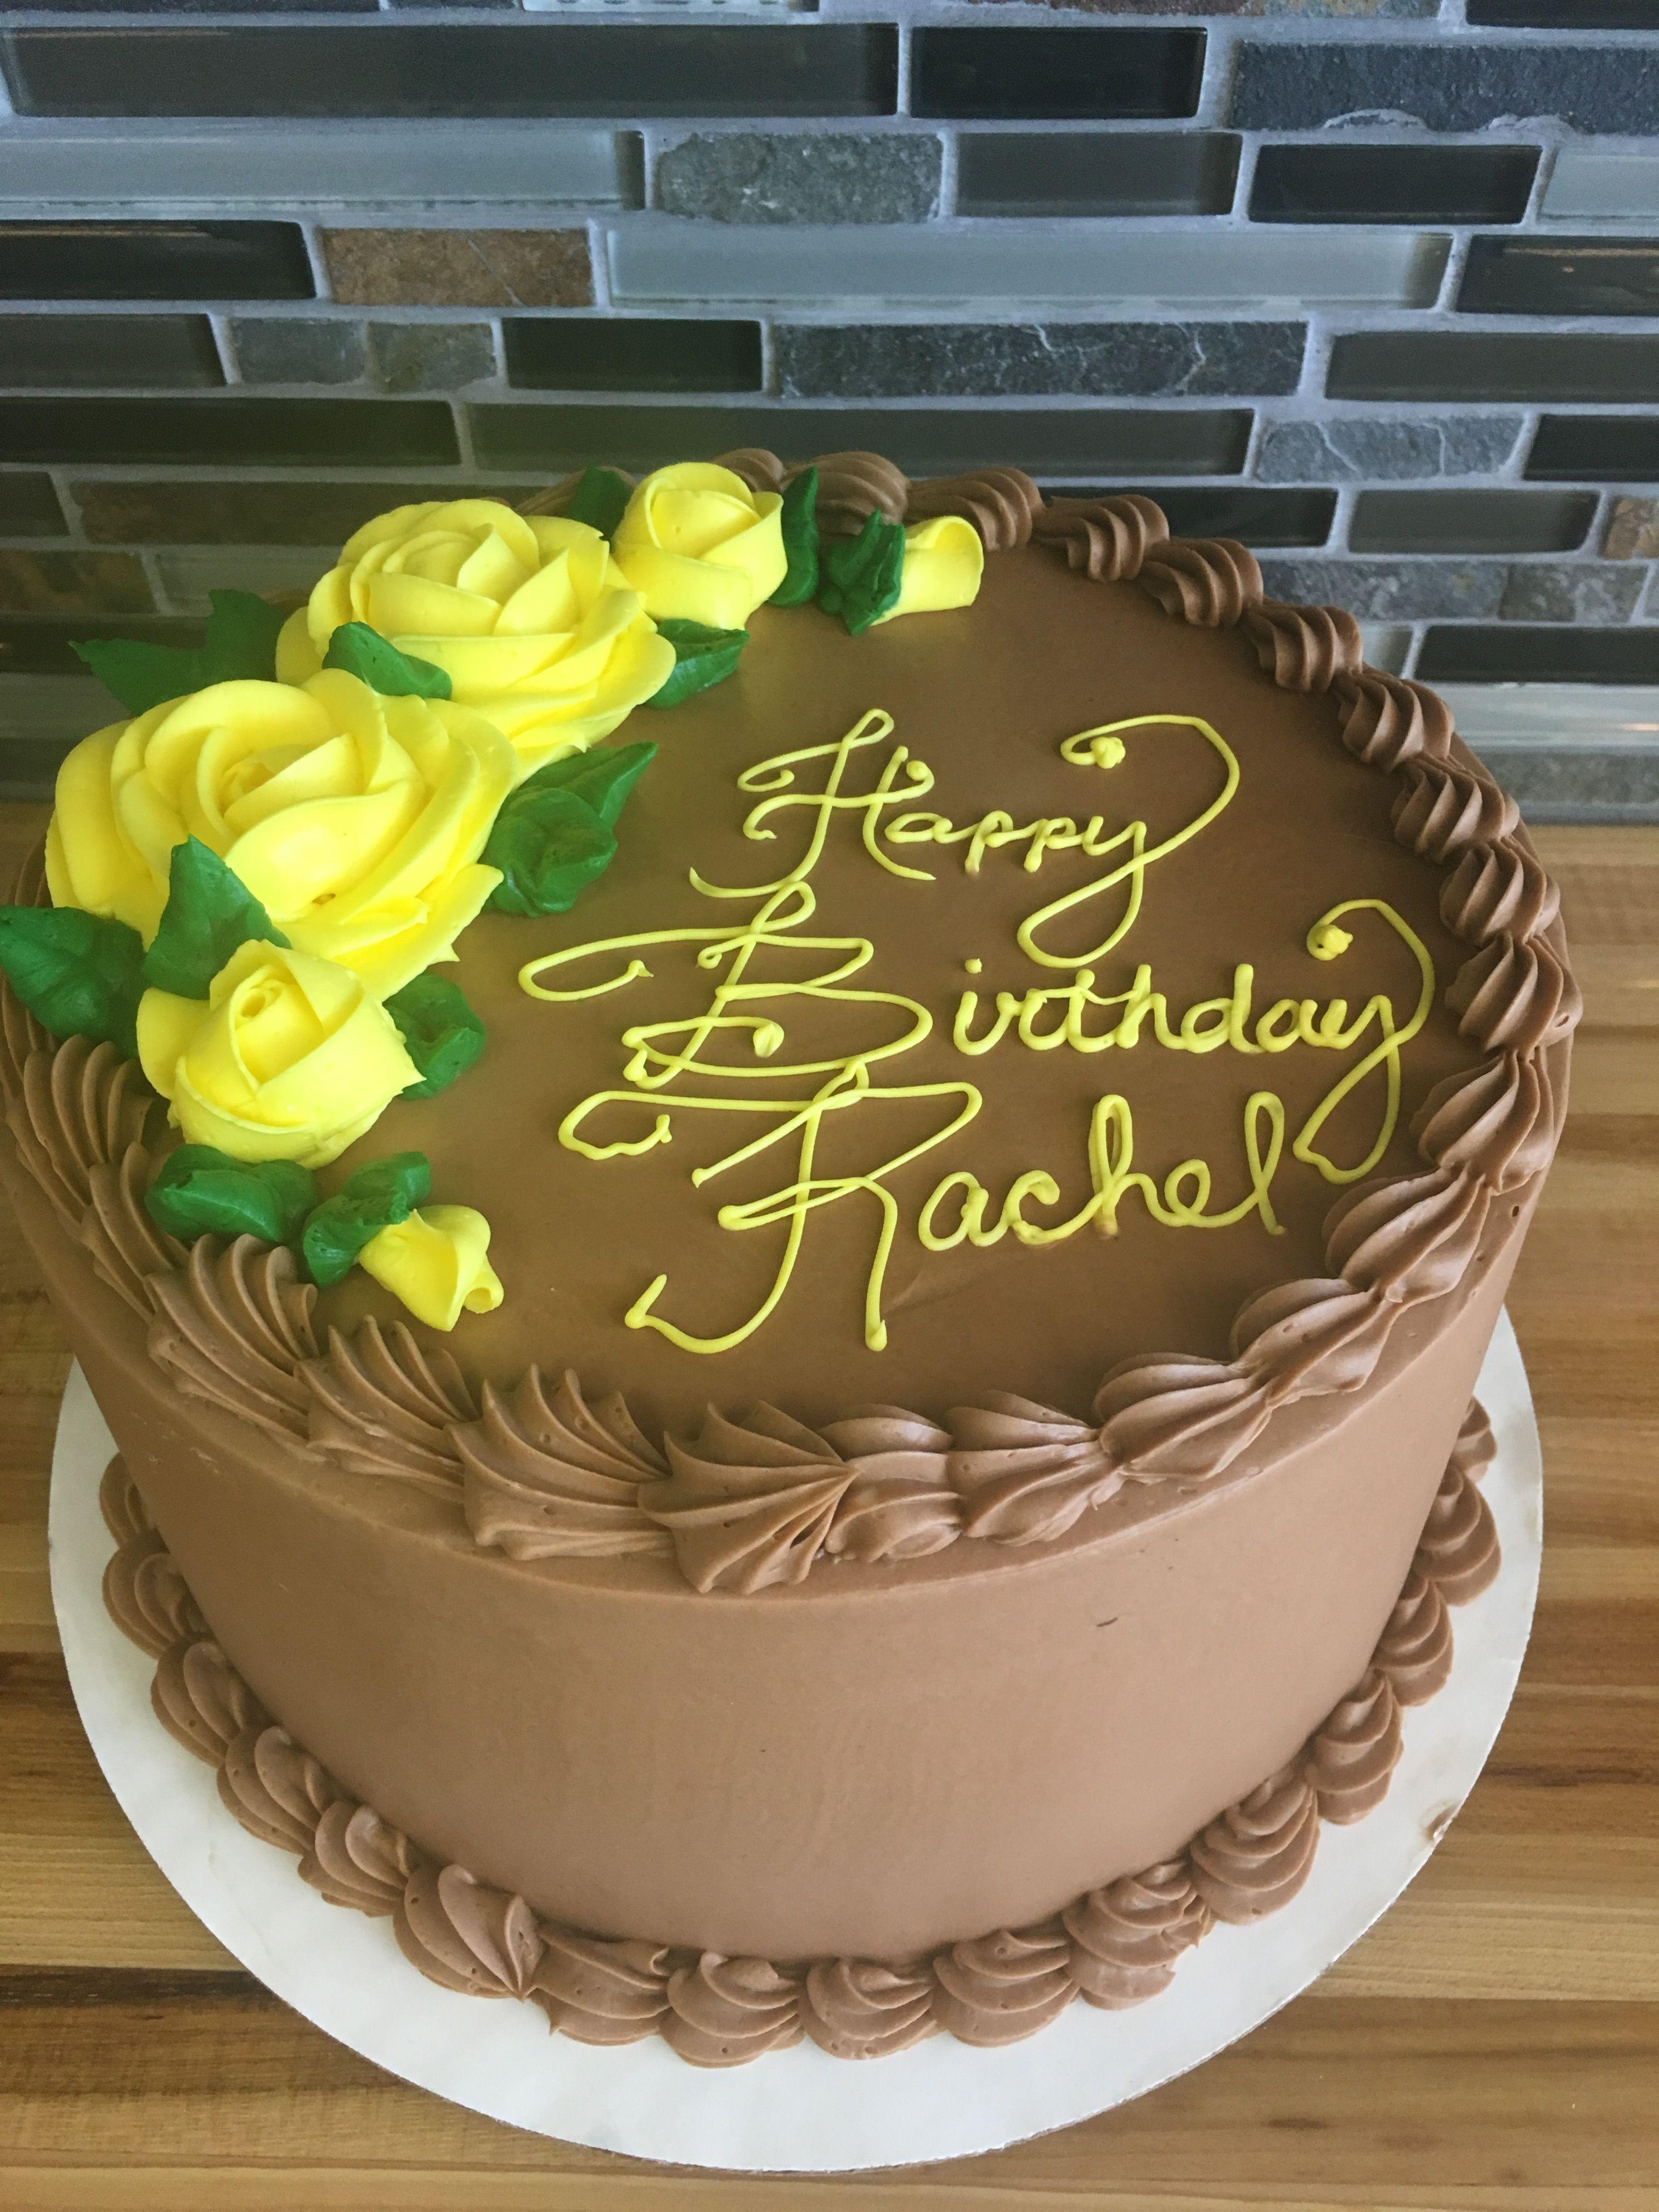 Chocolate Birthday Cake Yellow Roses Birthday Cake Chocolate